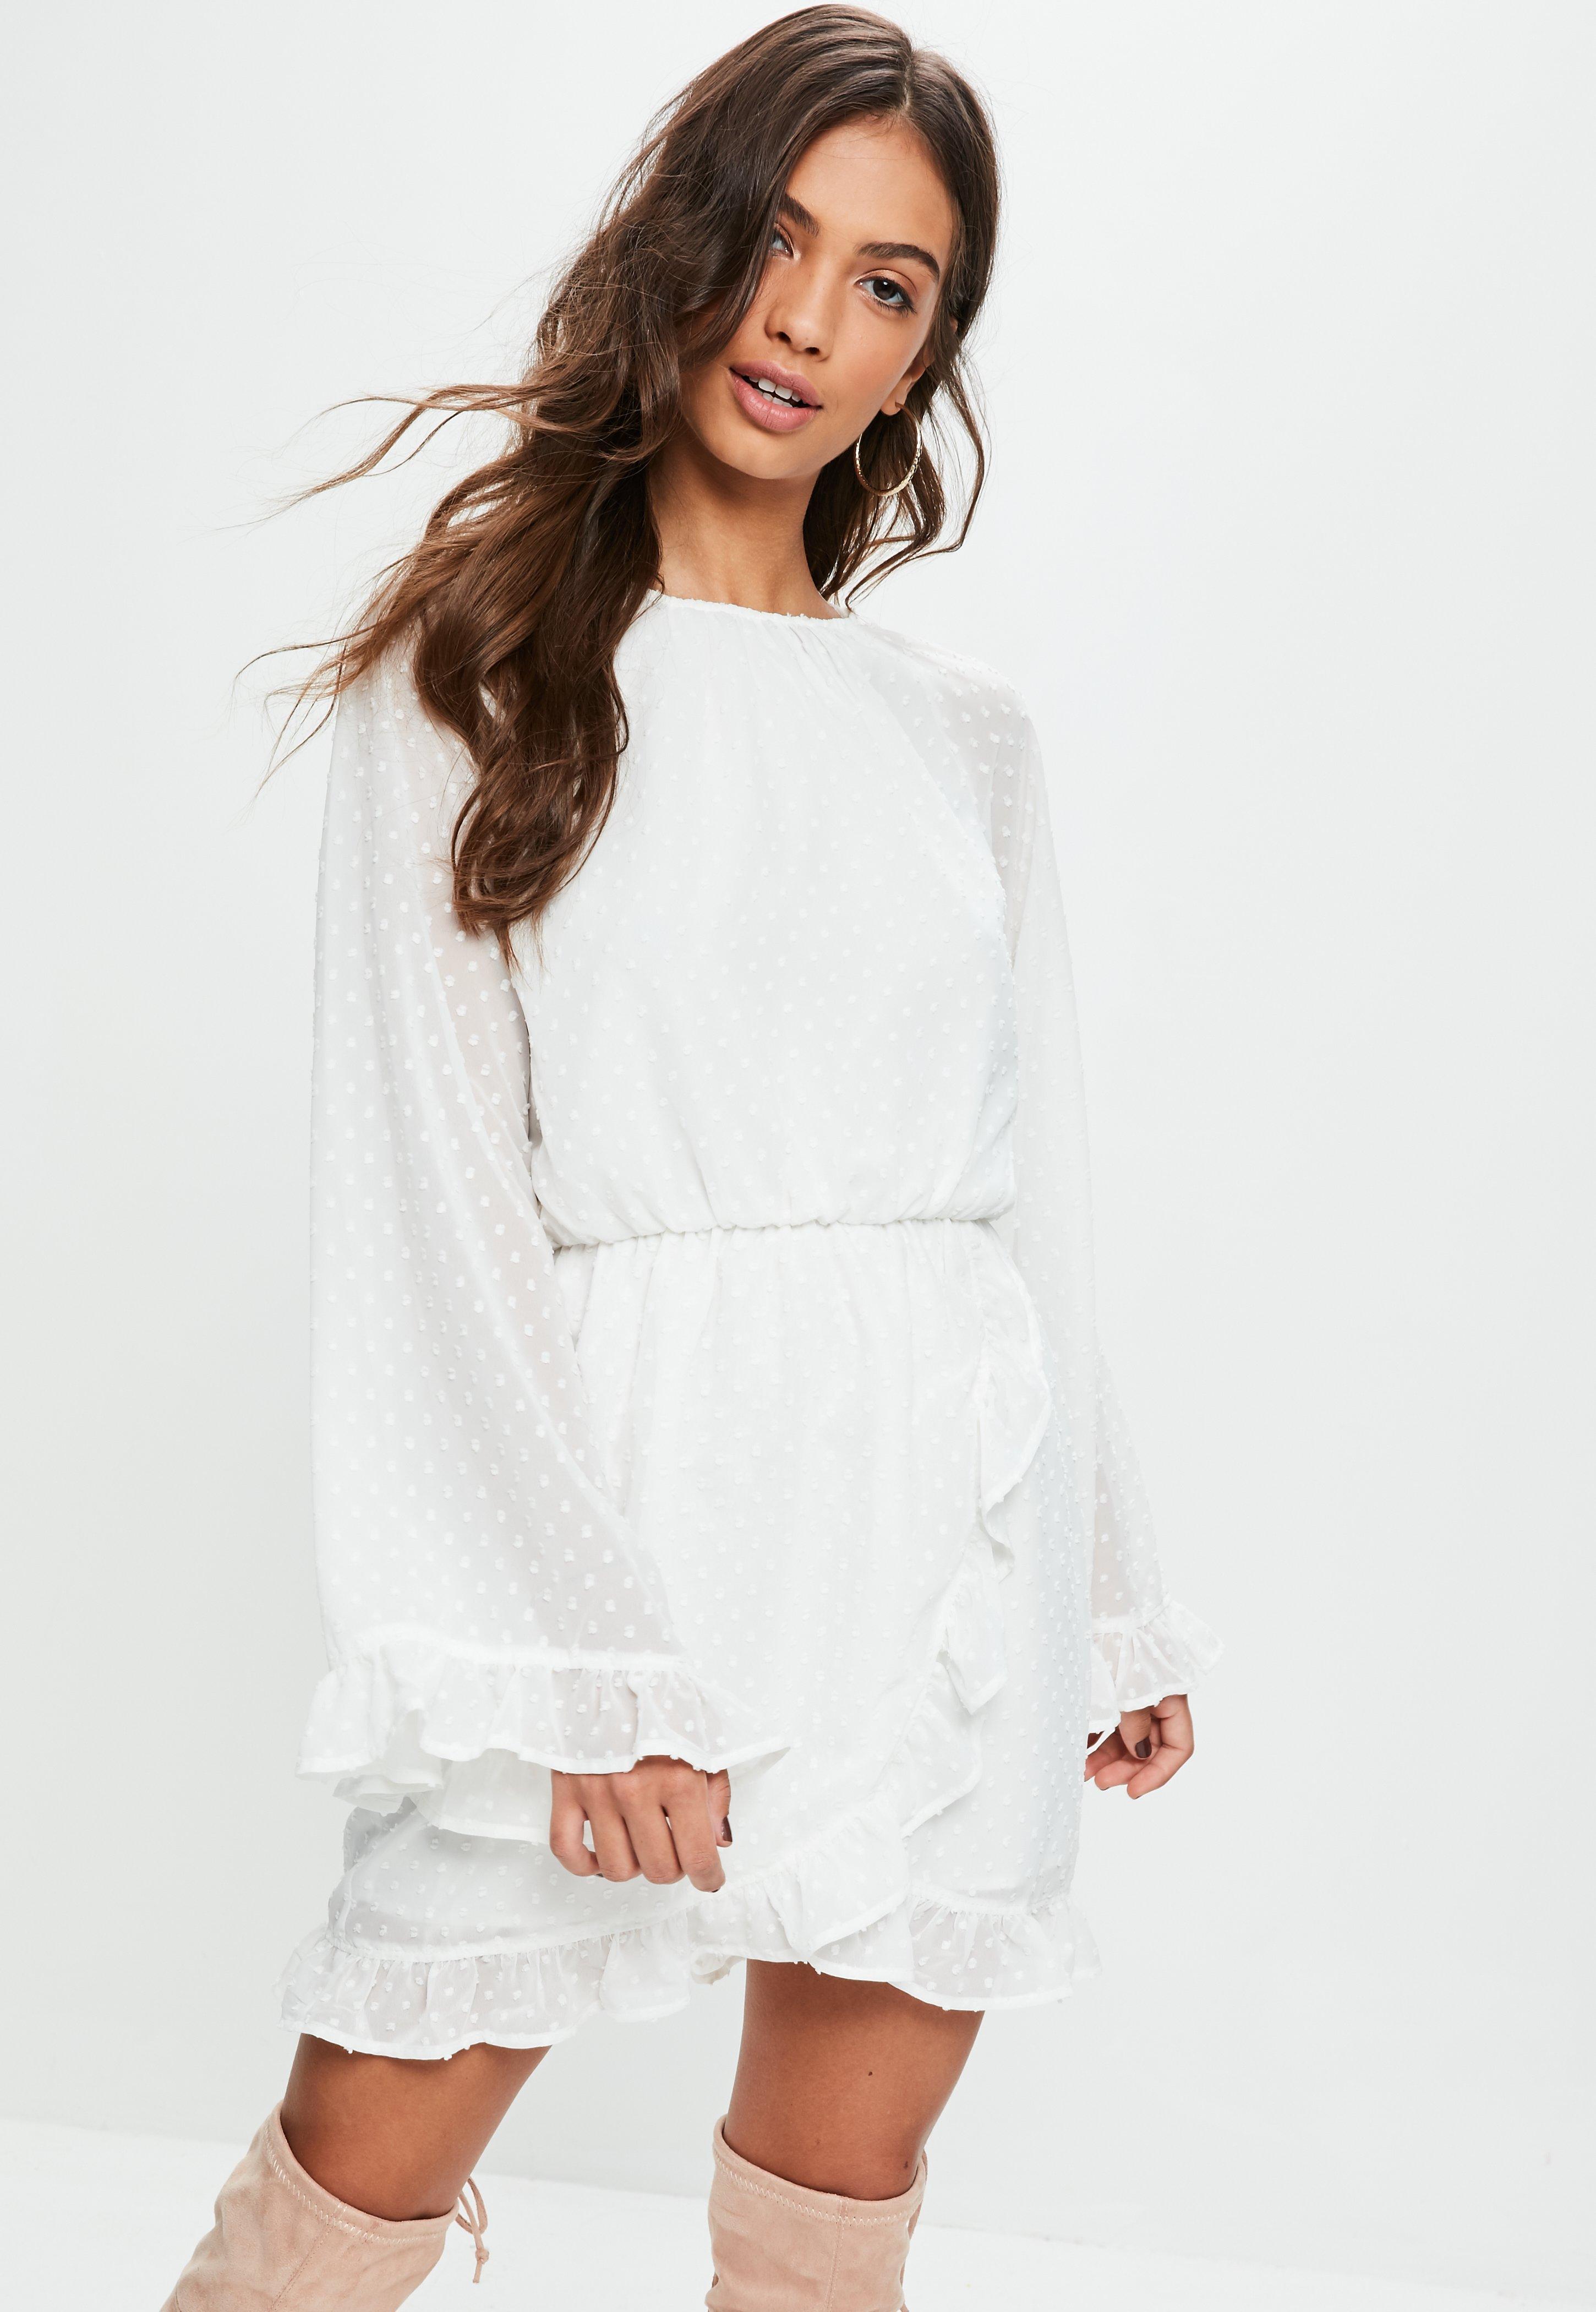 b8abb0edfd52 Lyst - Missguided White Dobby Mesh Skater Dress in White